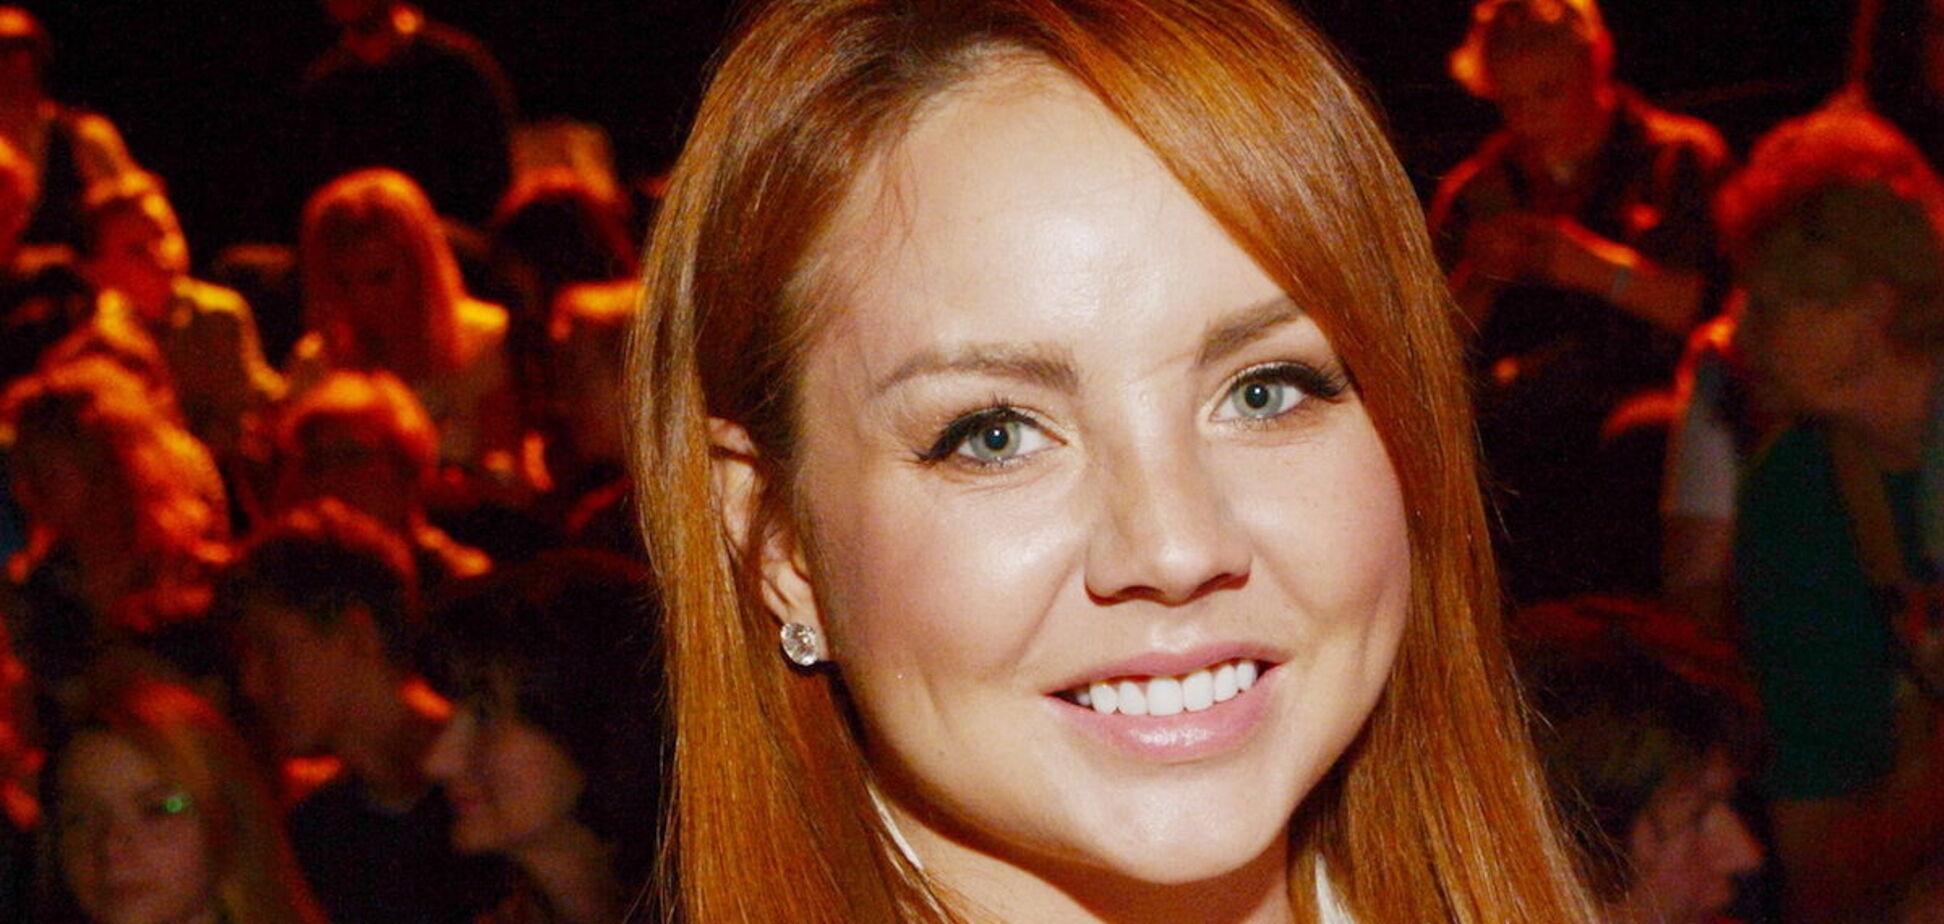 'Сміється і жартує': співачка МакSим повністю прийшла до тями після коми